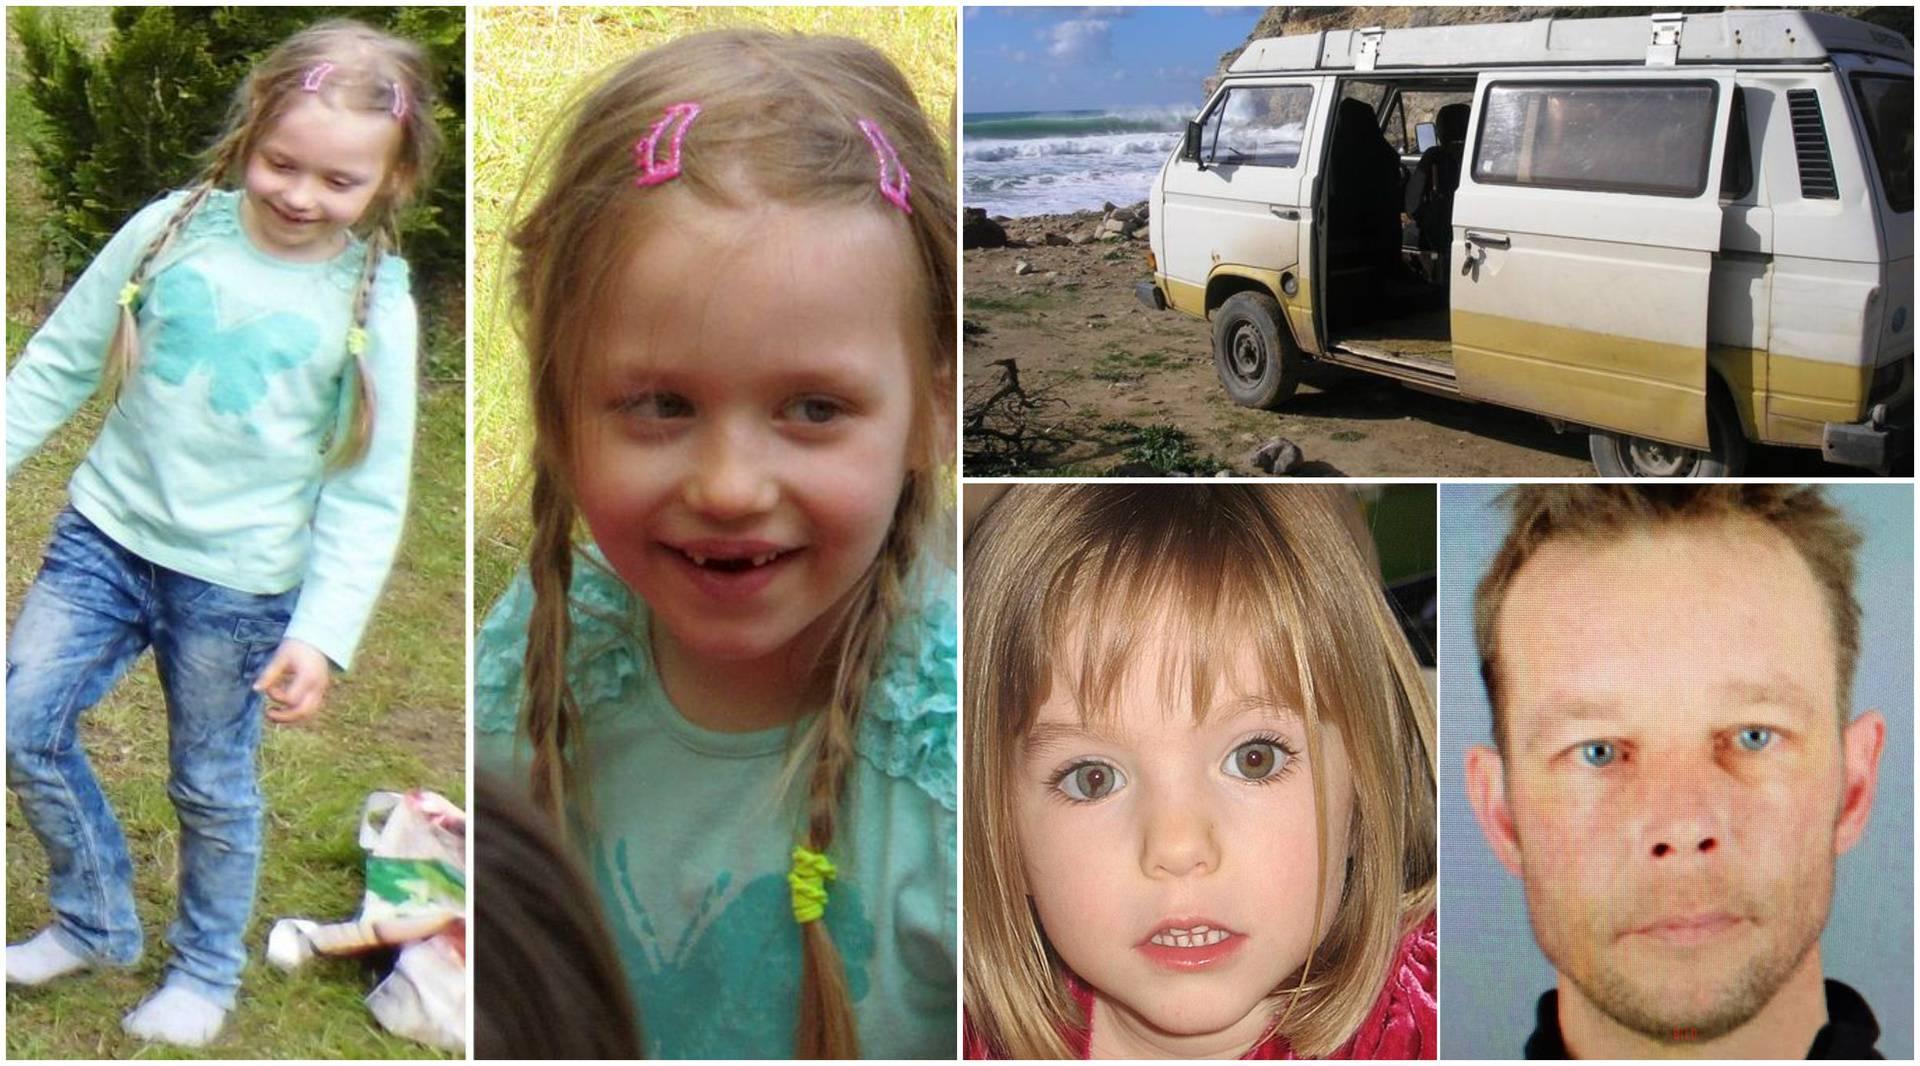 Pedofila kojeg se sumnjiči za nestanak Maddie povezali su s otmicom curice (5) iz Njemačke